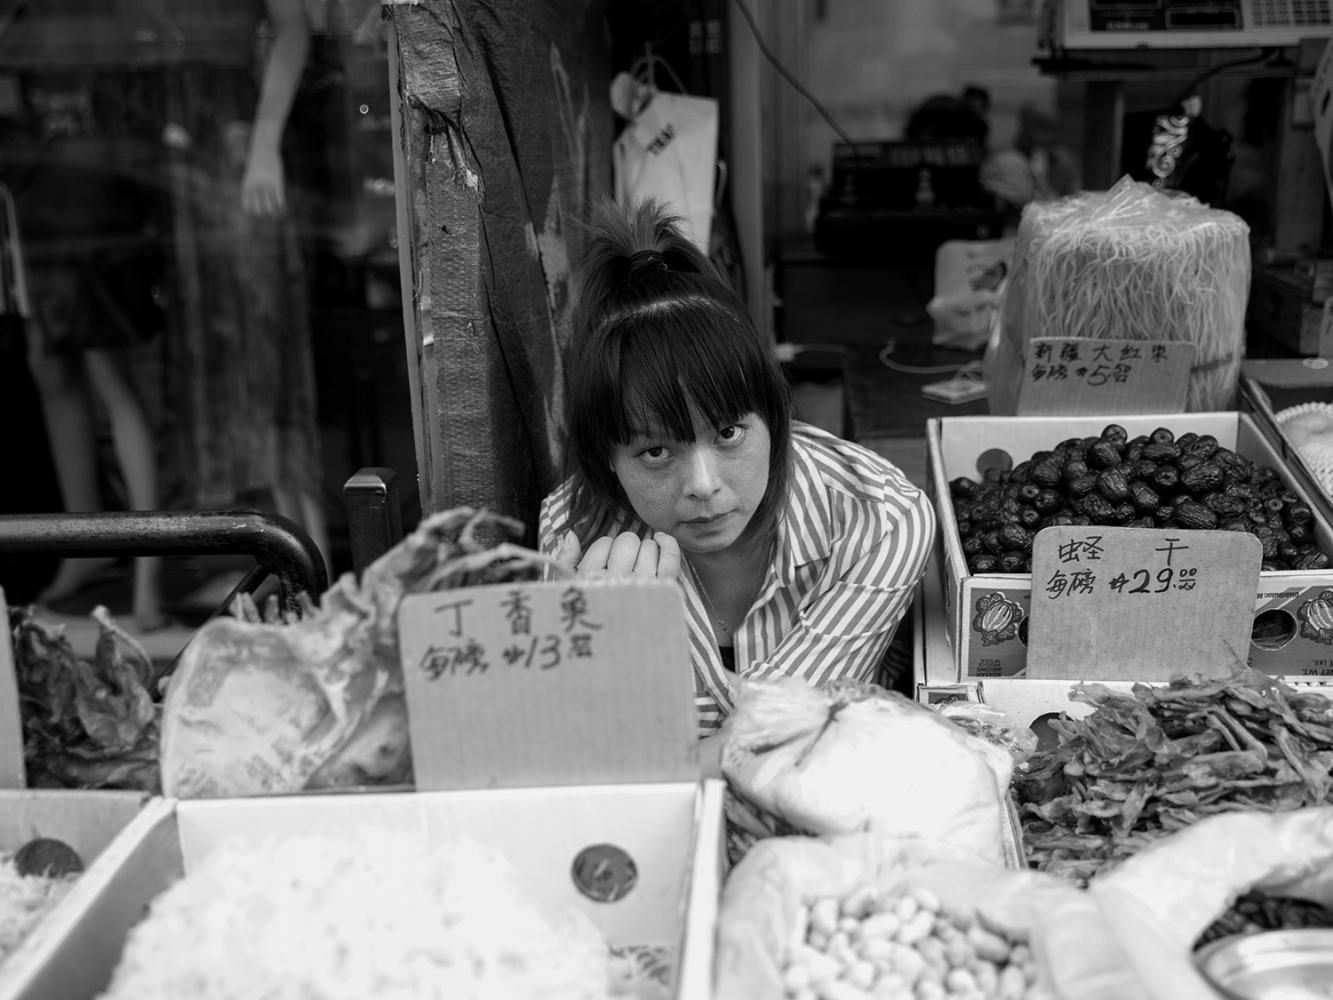 Chinatown, New York, 2017